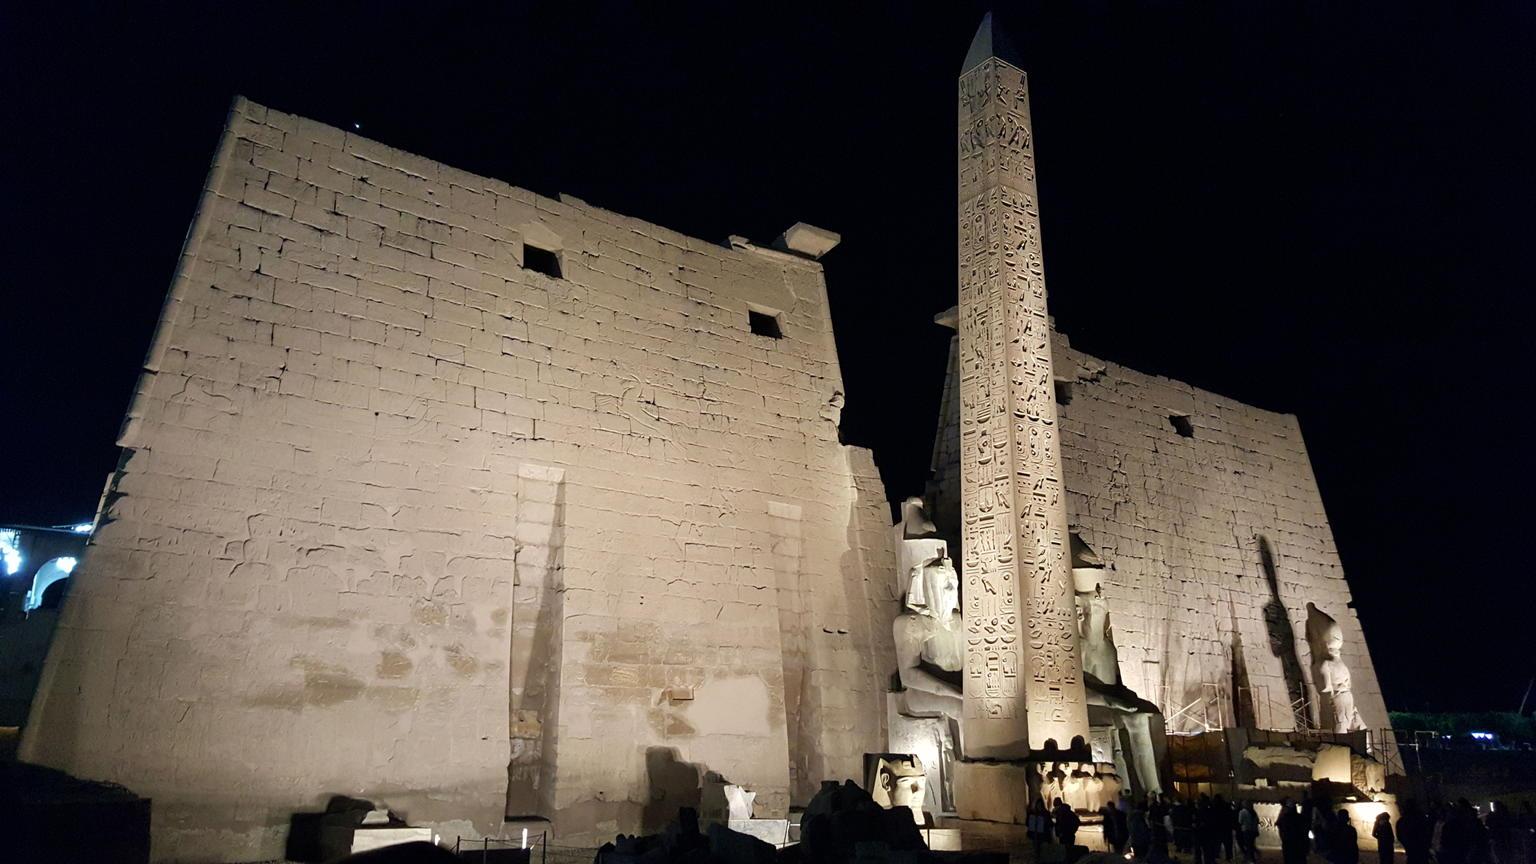 MÁS FOTOS, Tour de 10 días por el antiguo Egipto con crucero por el Nilo